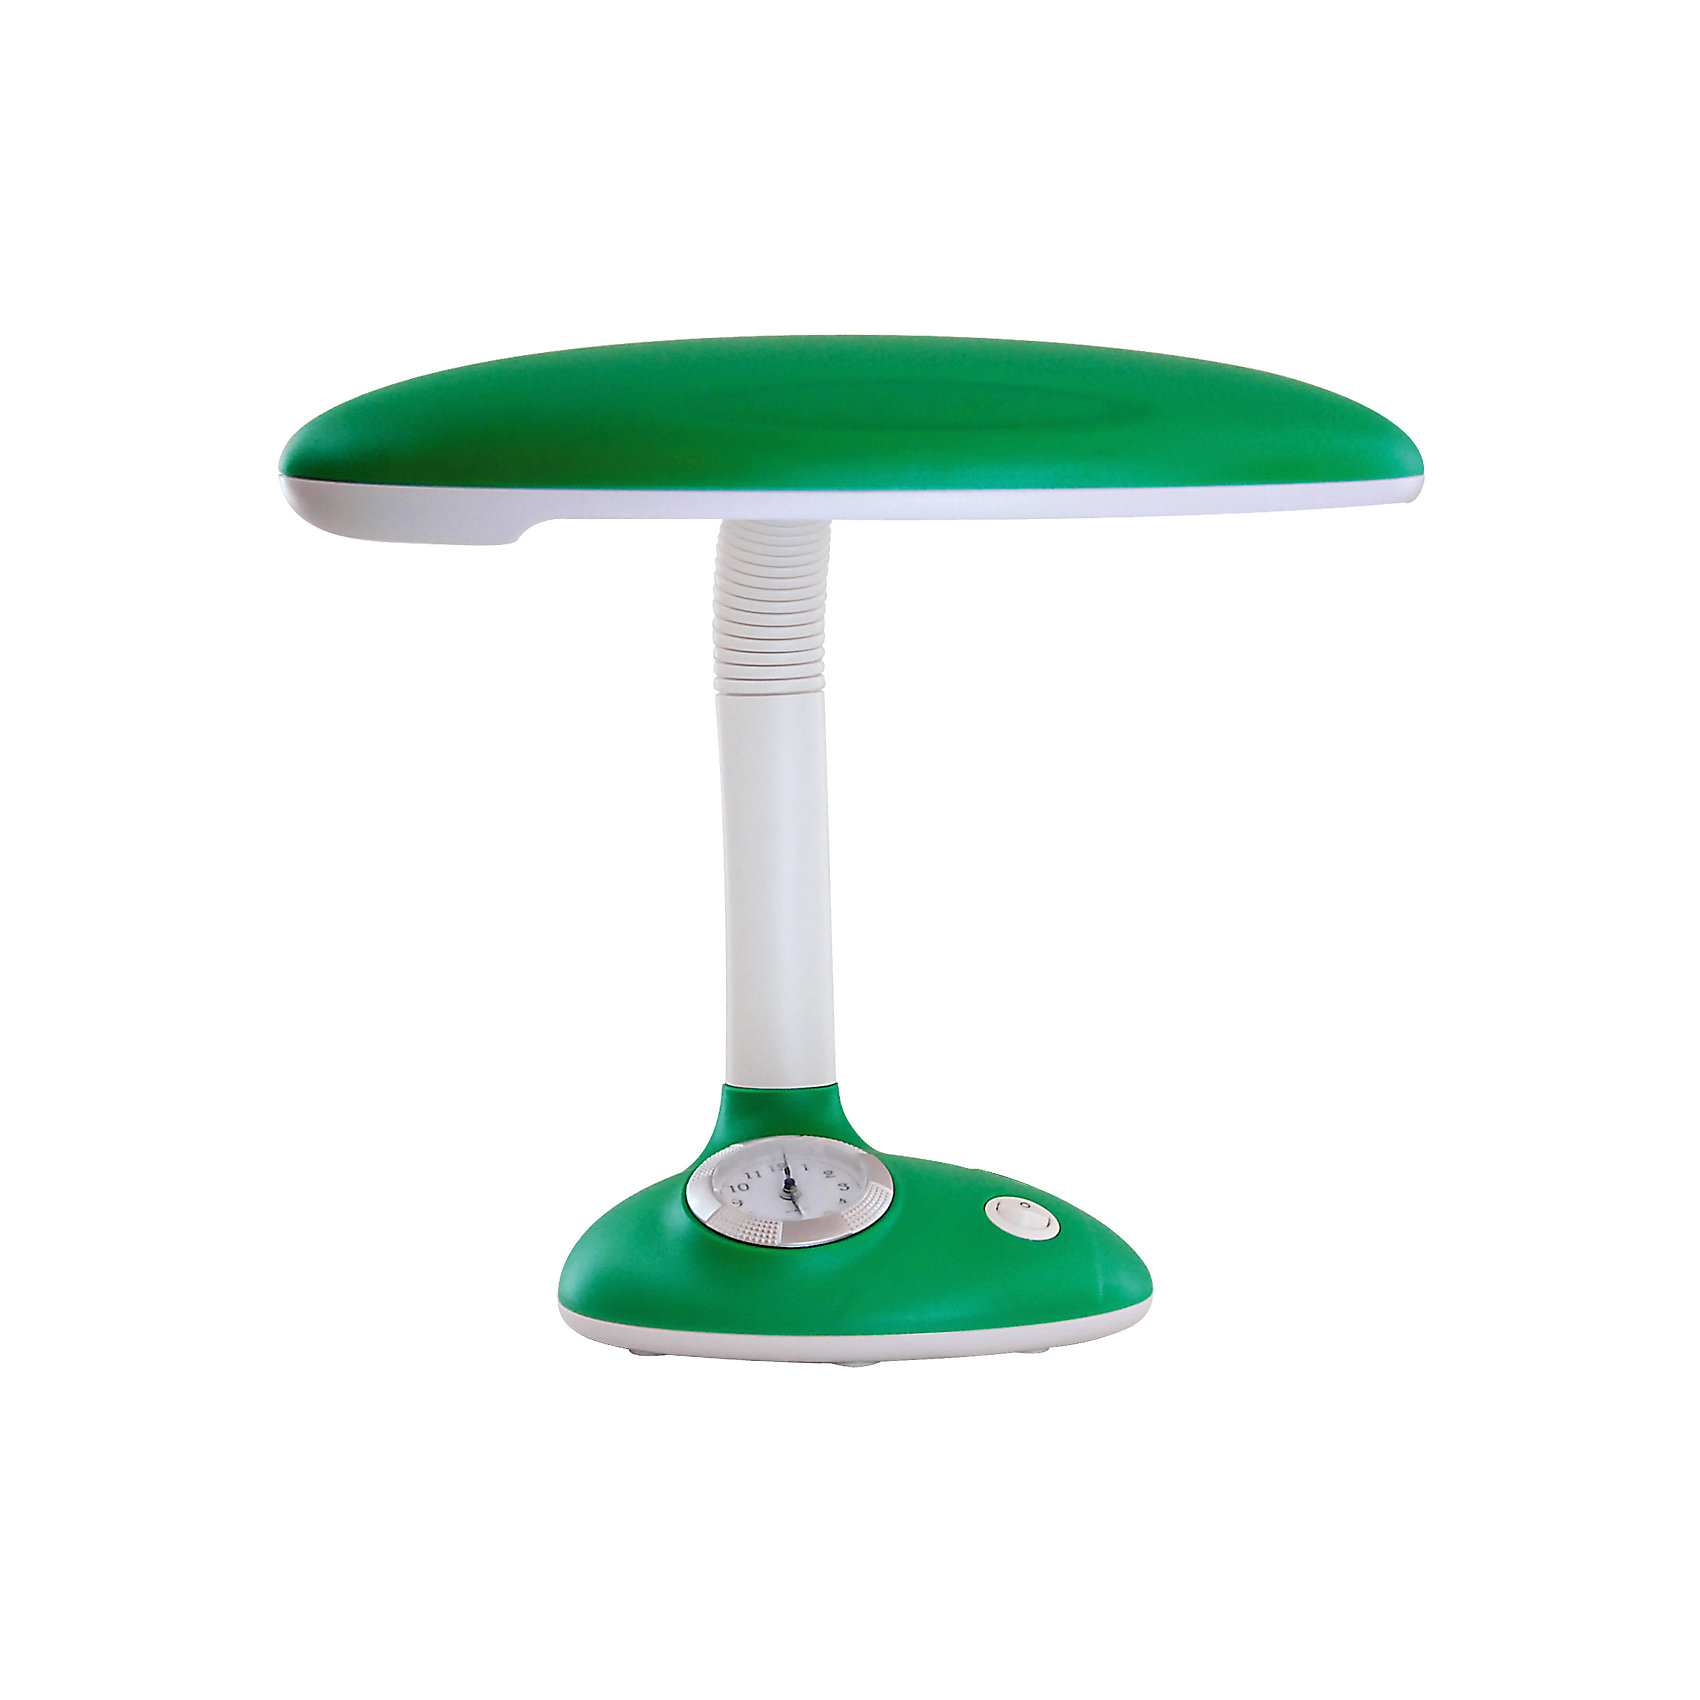 Светильник-часы, 11 Вт, Ultra Light, зеленыйЛампы, ночники, фонарики<br>Зелёный светильник-часы, 11 Вт - светильник прекрасно подойдет для освещения рабочего стола и создания атмосферы уюта в комнате.<br>Симпатичный светильник-часы предназначен для работы и отдыха и станет ярким элементом интерьера детской комнаты. Корпус светильника выполнен из термостойкого пластика. Дуга, соединяющая лампу с основанием, вращается в разные стороны, благодаря чему лампа может осветить любое место в комнате. В основании светильника расположены часы, которые помогут вашему ребенку быстро и легко научиться определять время. Для установки времени необходимо извлечь часы из корпуса основания светильника по направлению вверх, удалить защитную плёнку из-под элемента питания (входит в комплект), установить время, вставить часы в корпус основания светильника. Светильник укомплектован люминесцентной лампой мощностью 11 Вт, сила светового потока которой подобрана оптимально для детского зрения.<br><br>Дополнительная информация: <br><br>- Материал корпуса: термостойкий пластик<br>- Цвет: зеленый<br>- Питание: от сети 220В<br>- Тип цоколя: 2G7<br>- Мощность лампы: 11 Вт<br>- Размер светильника: 22х35х18 см.<br>- Размер упаковки: 28,5х18,5х25 см.<br>- Вес: 1400 гр.<br><br>Зелёный светильник-часы, 11 Вт можно купить в нашем интернет-магазине.<br><br>Ширина мм: 285<br>Глубина мм: 185<br>Высота мм: 250<br>Вес г: 1400<br>Возраст от месяцев: 36<br>Возраст до месяцев: 192<br>Пол: Унисекс<br>Возраст: Детский<br>SKU: 4641462